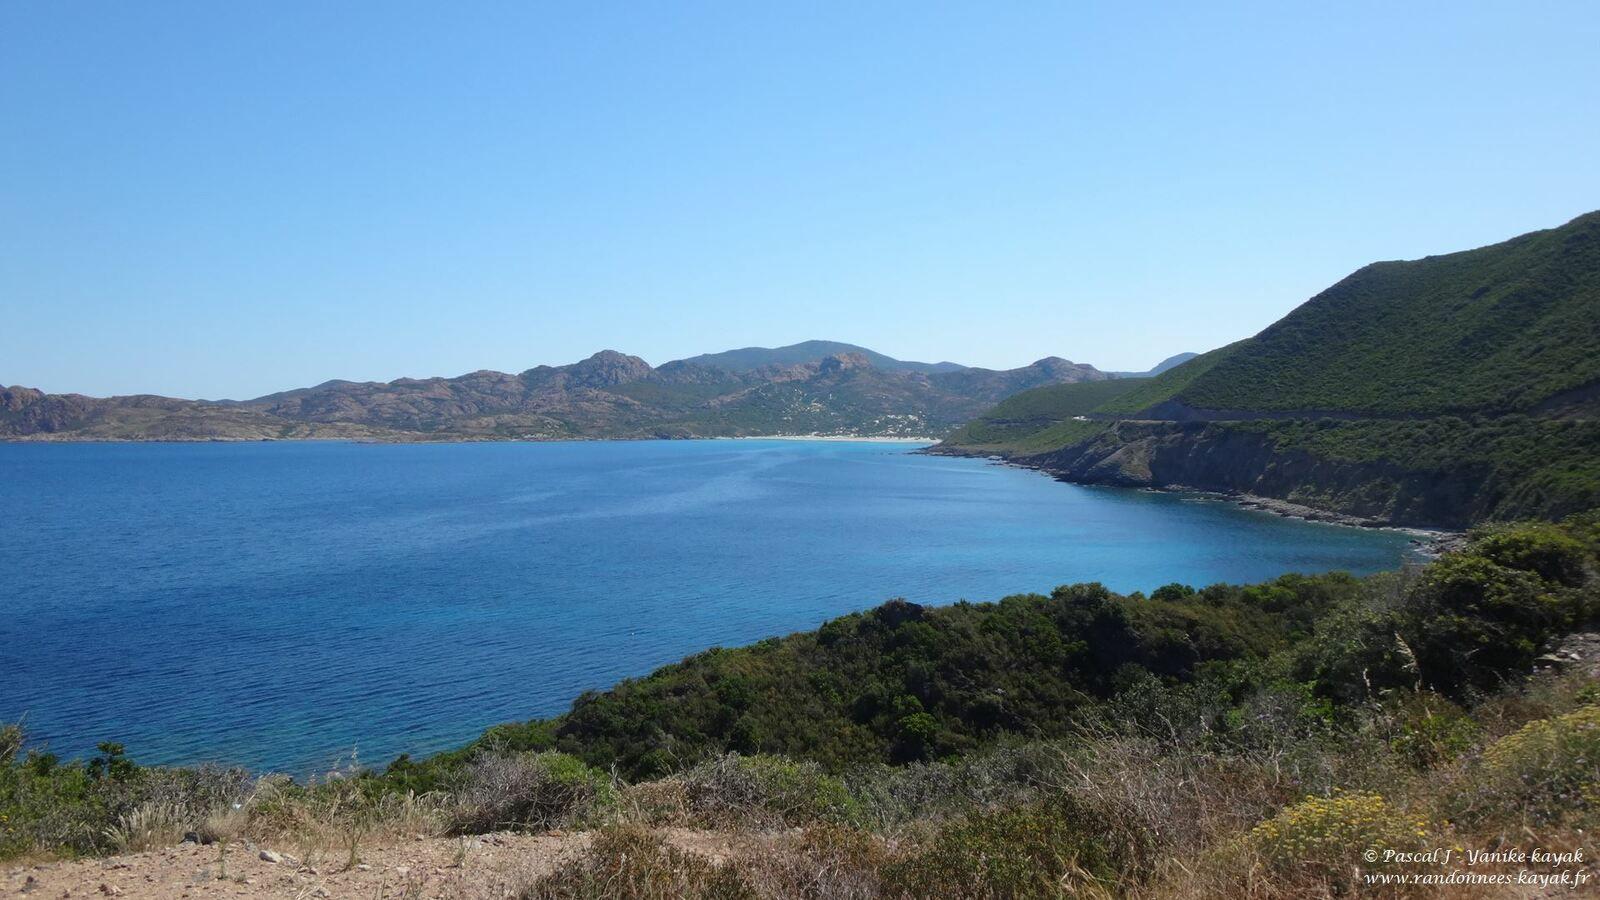 Corsica 2021, la beauté, essentielle, de la nature - Chapitre 7 : de Bastia au Golfe de Porto